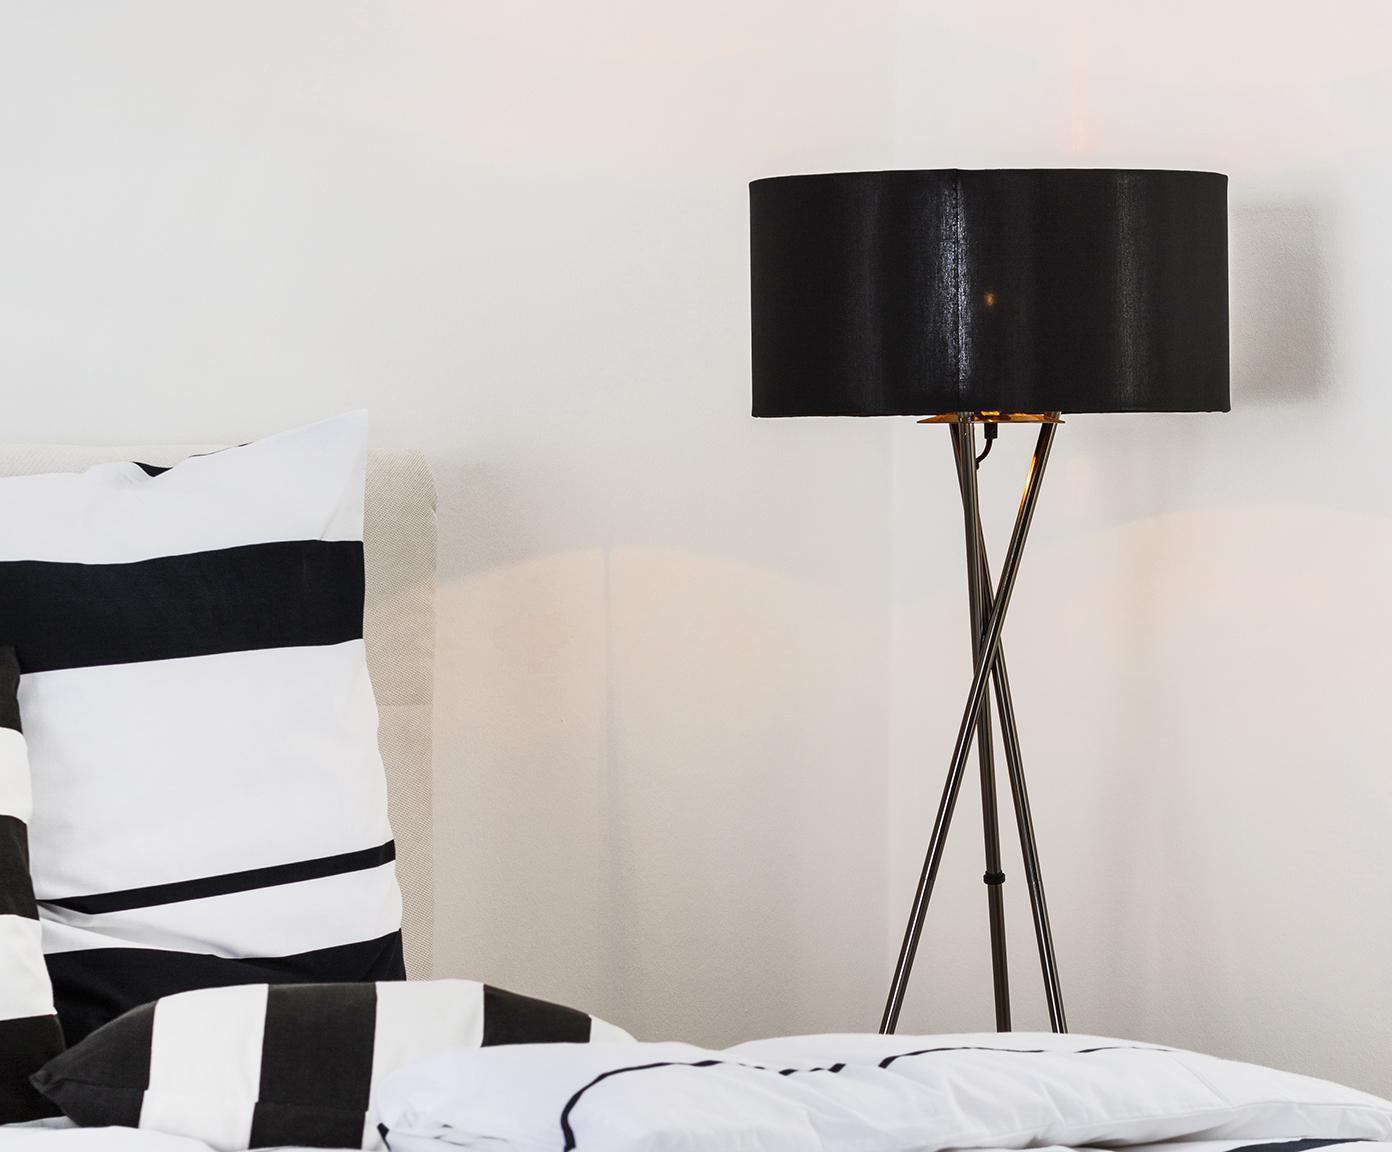 Lampada da terra Giovanna, Struttura: acciaio, nero cromato, Paralume: nylon, Nero, rame, Ø 45 x Alt. 154 cm